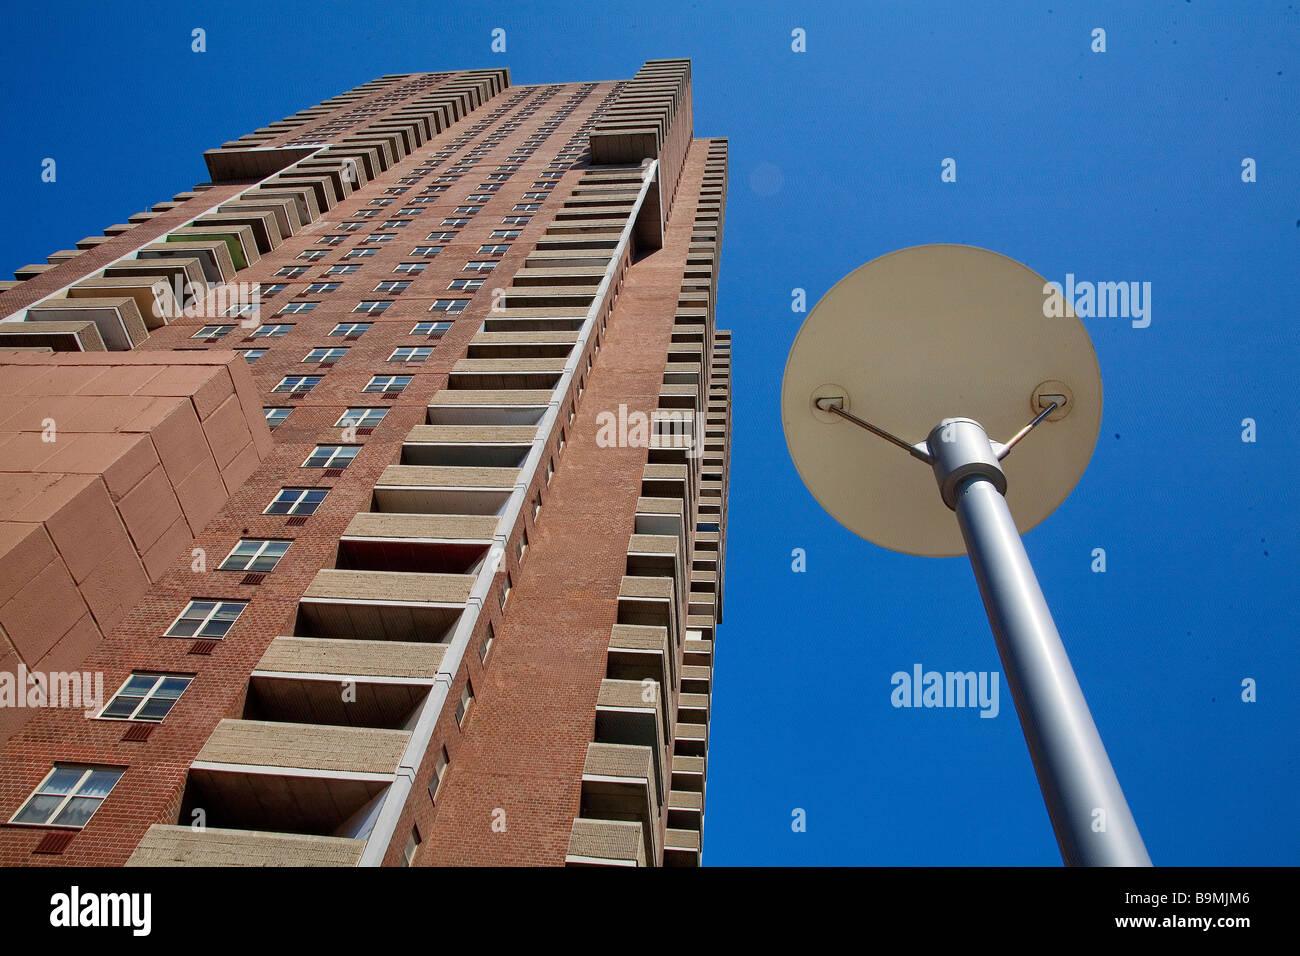 Vereinigte Staaten, New York City, Manhattan, Tribeca, Gebäude Stockbild